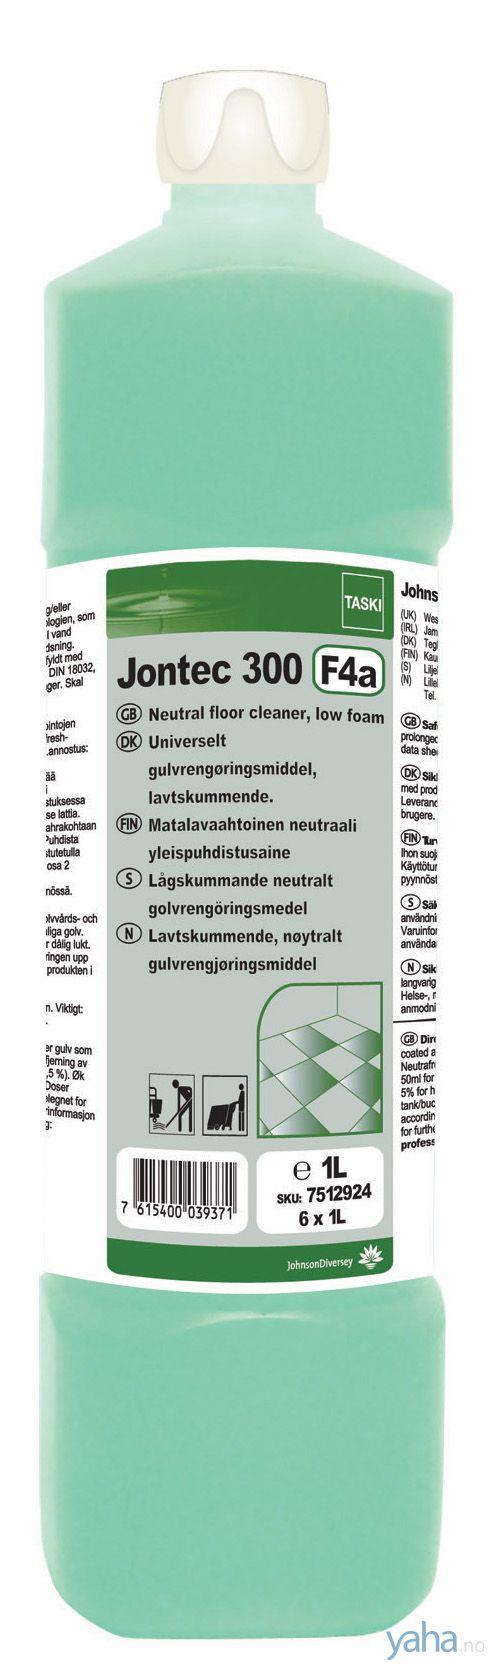 Taski Rengjøring Jontec 300 1L 7512924